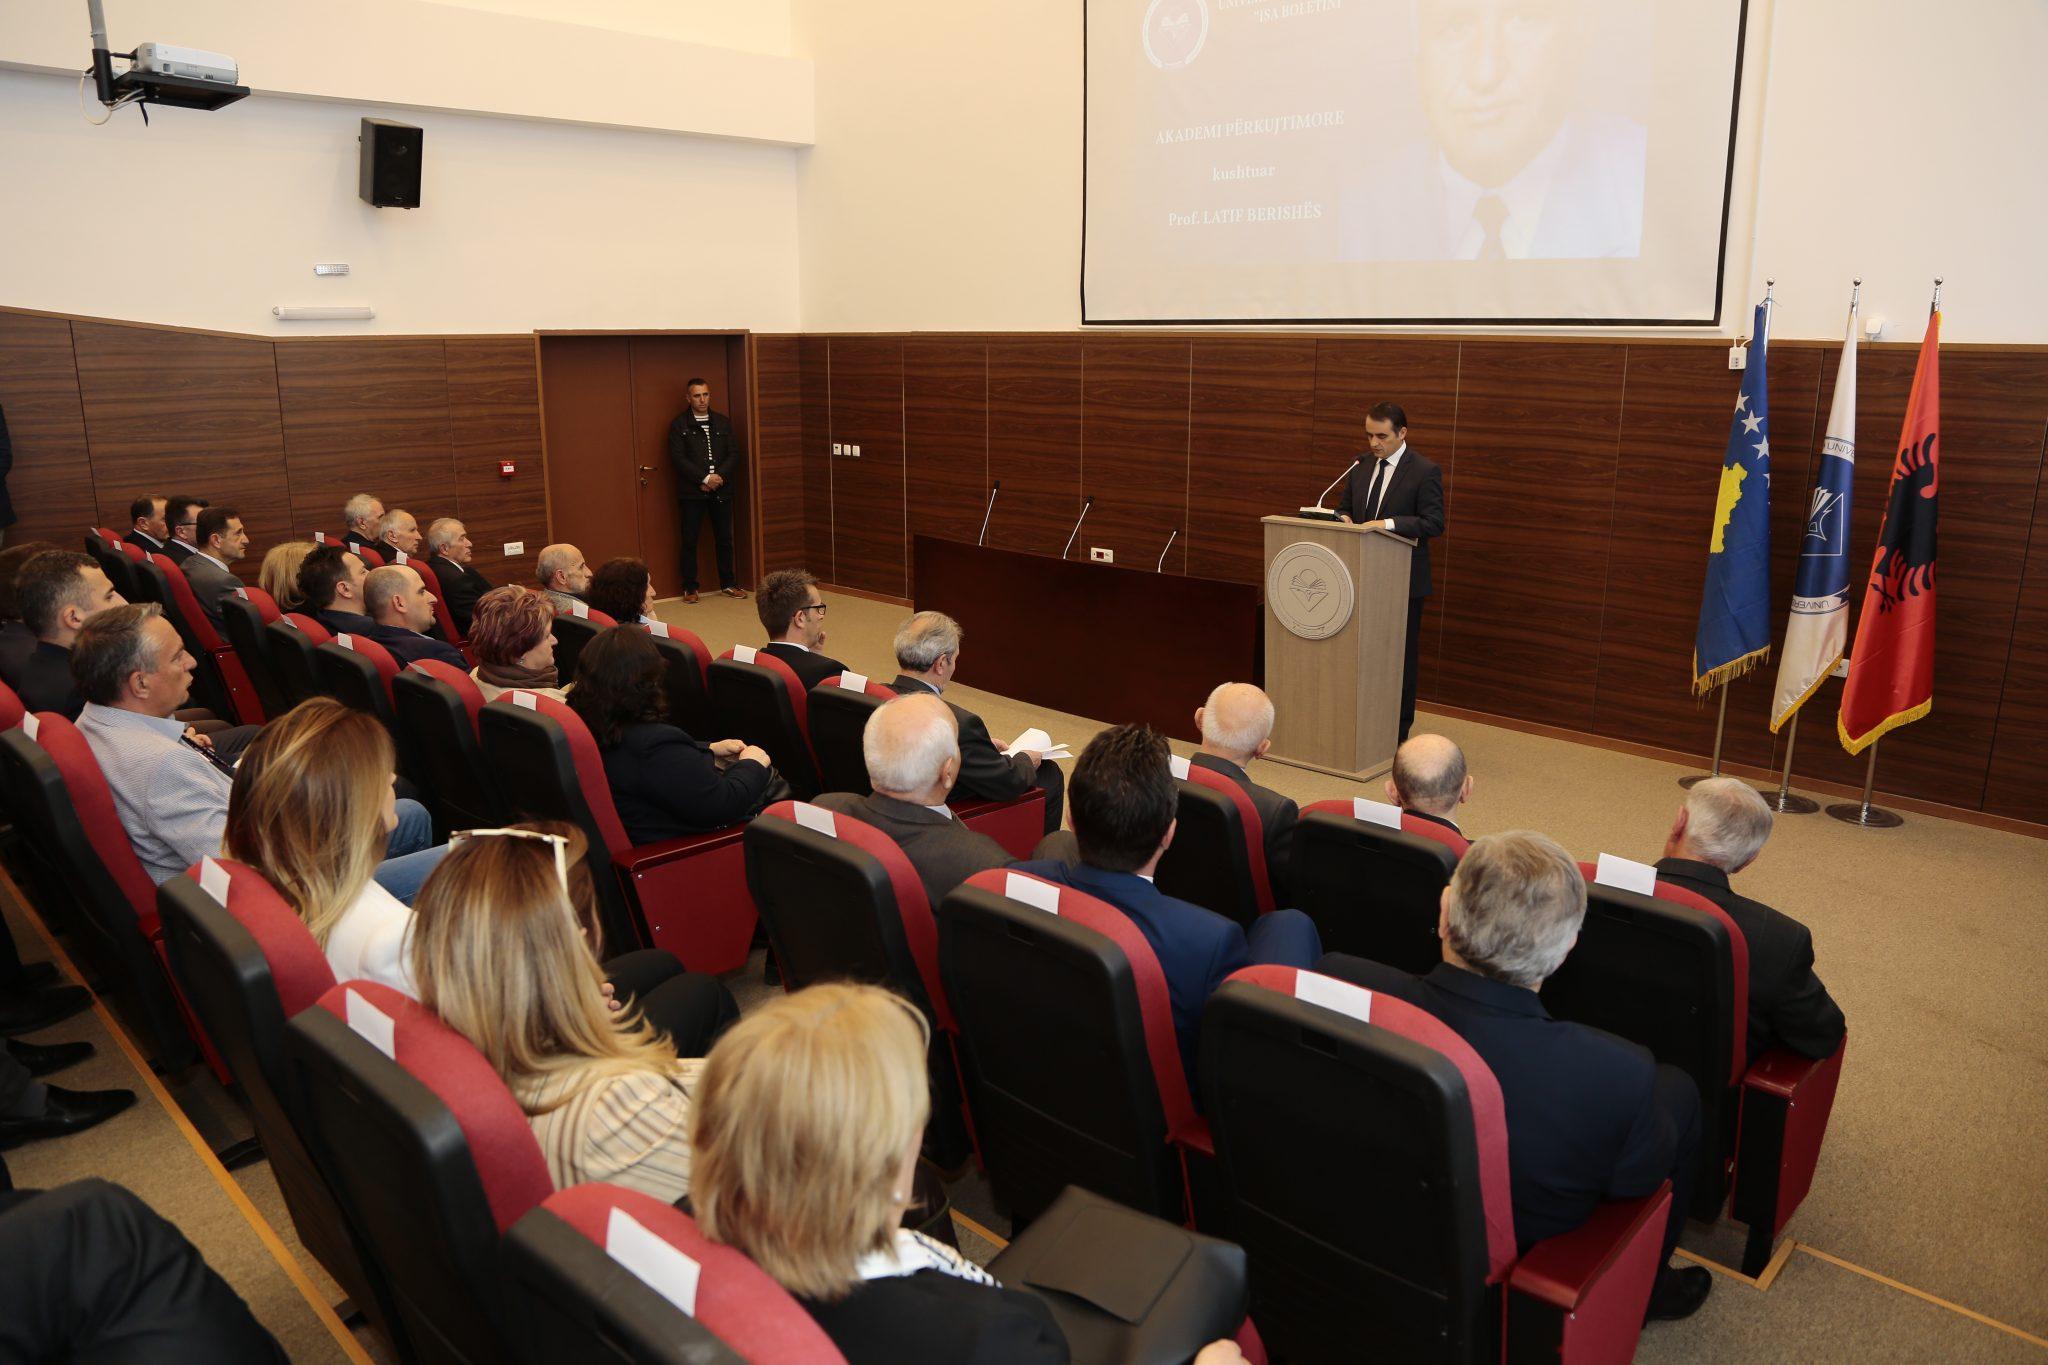 U Mbajt Akademia Përkujtimore Kushtuar Profesorit, Latif Berisha